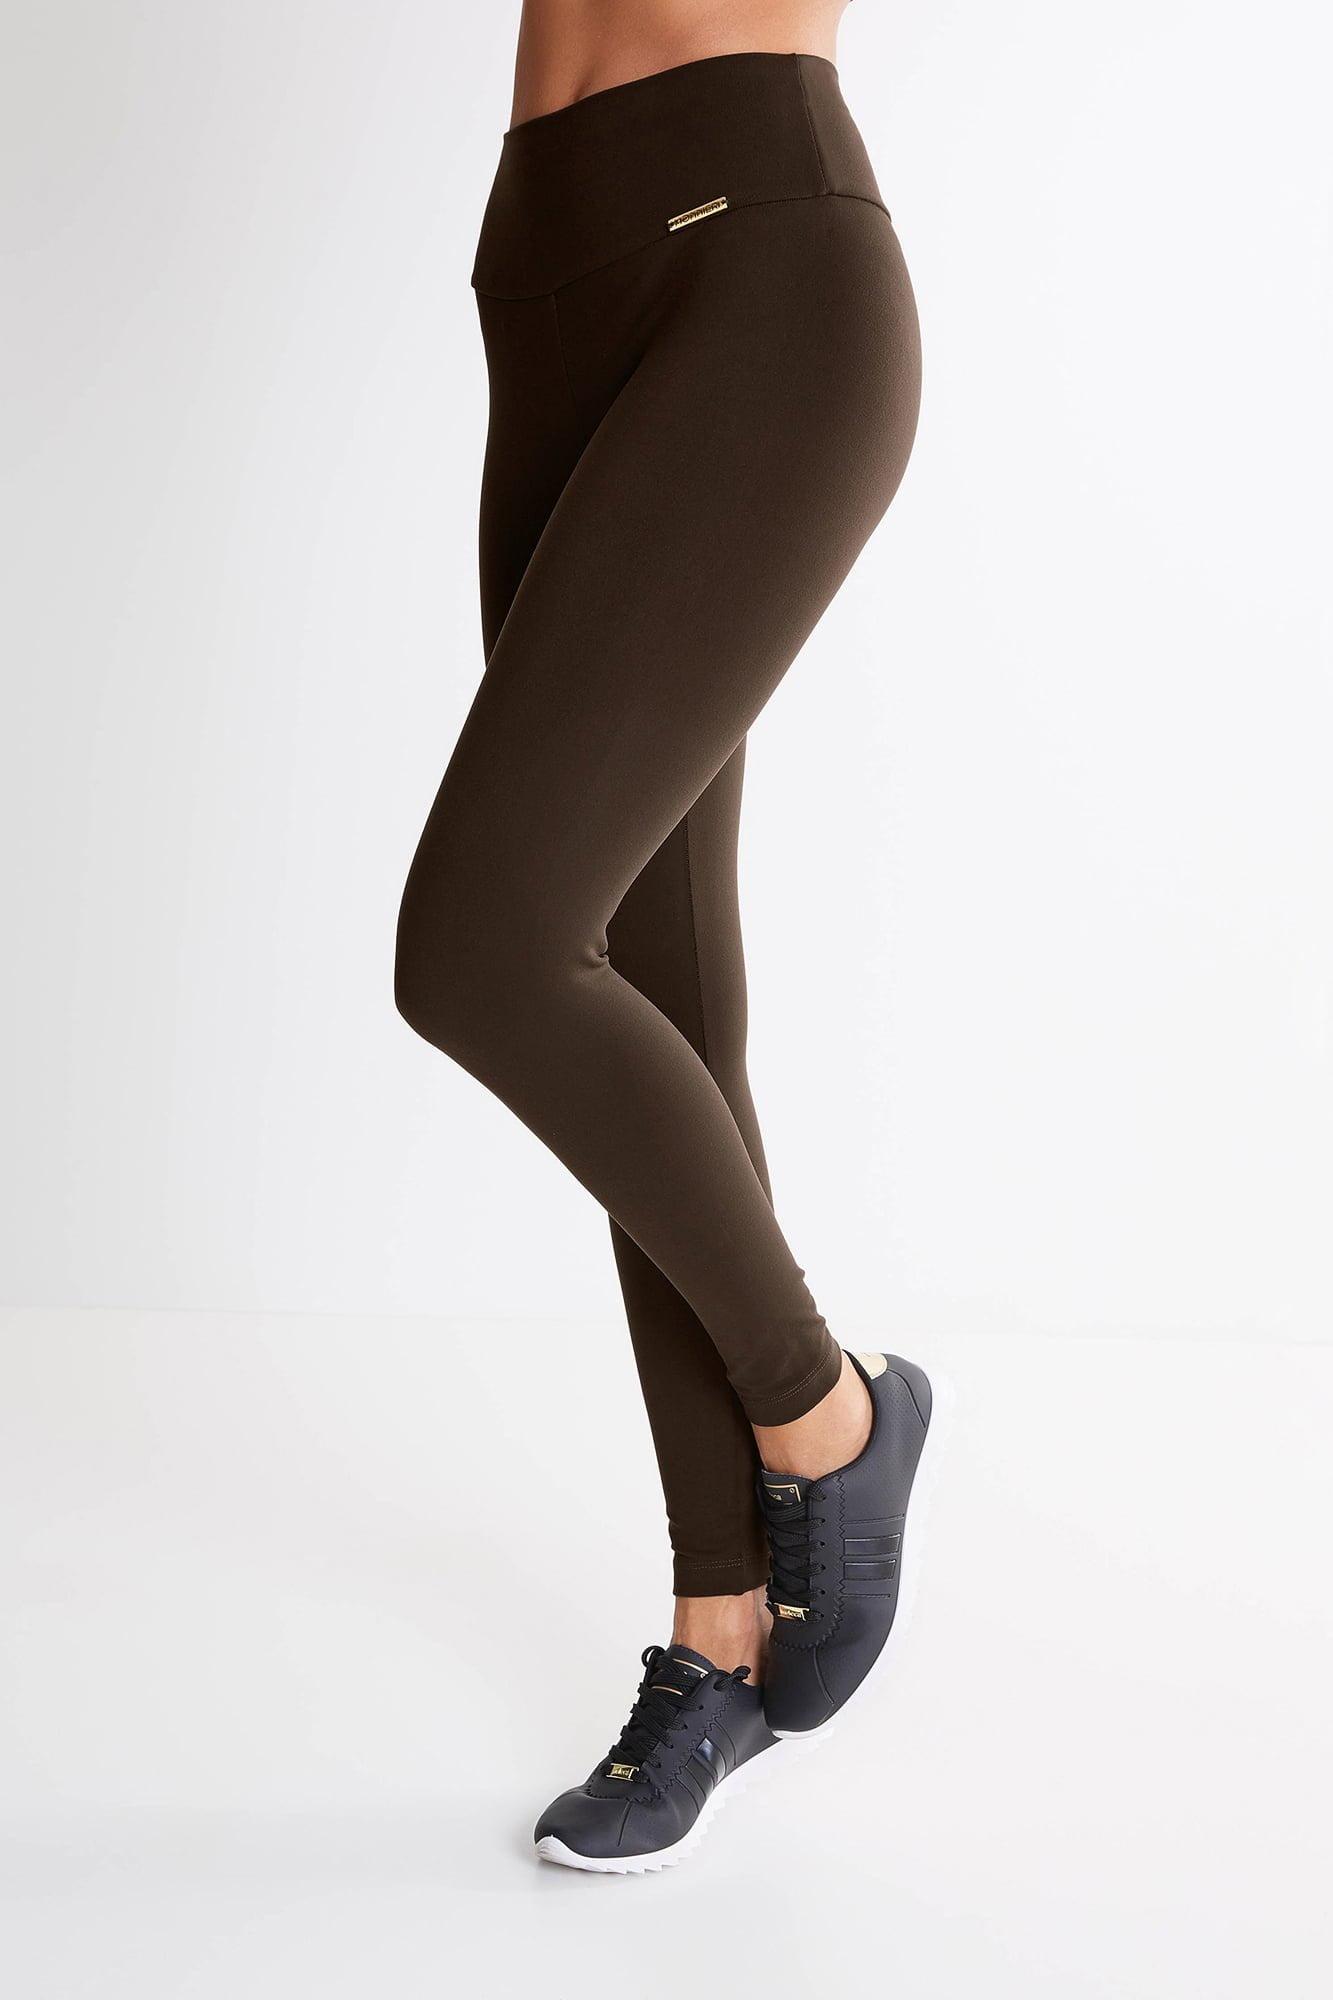 Calça Legging Marrom Mulheres Altas  - Comprimento Personalizado